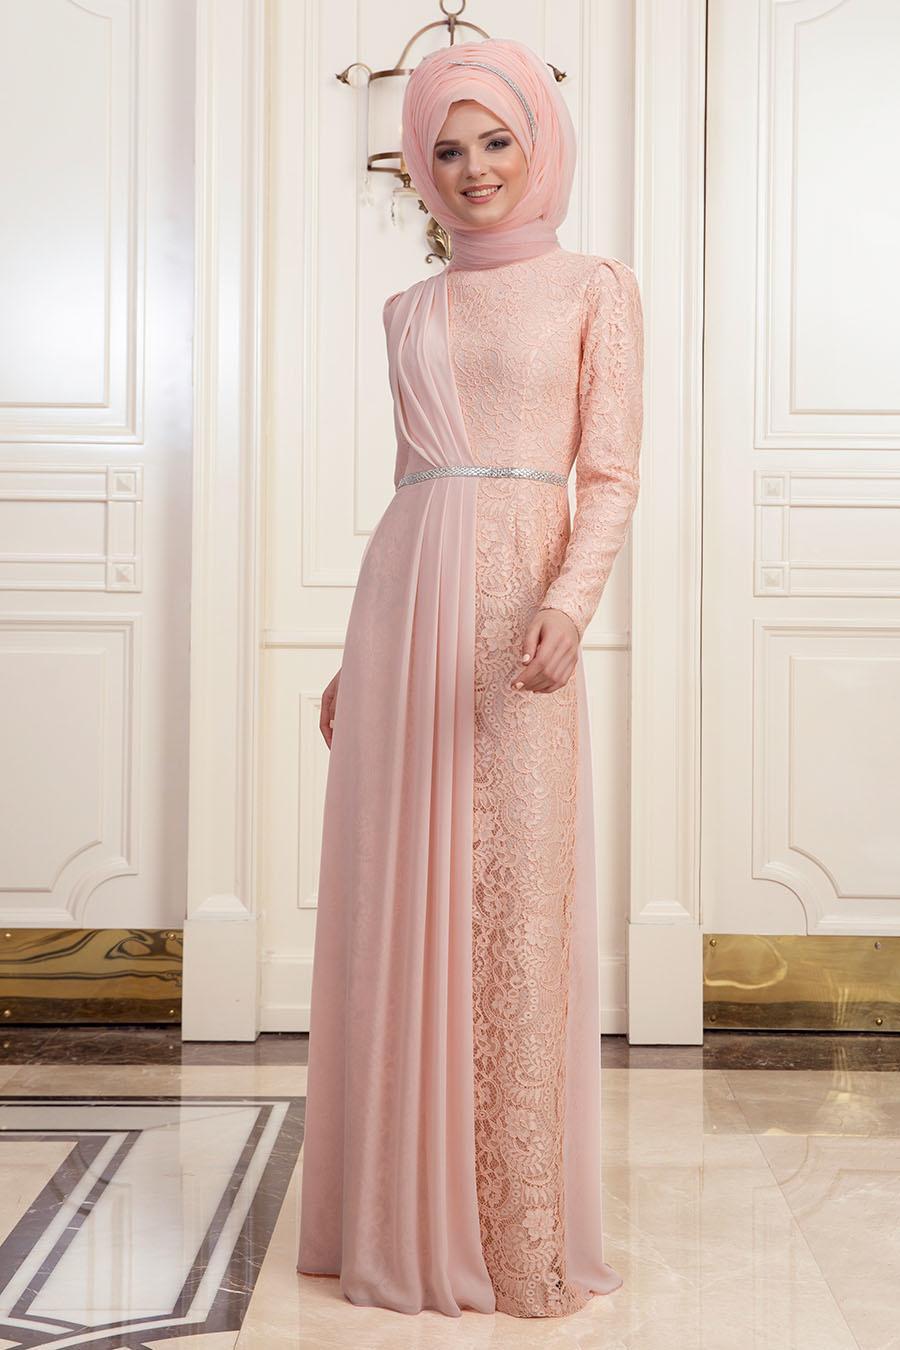 Tesettürlü Abiye Elbise - Dantelli Somon Tesettür Abiye Elbise 191901SMN